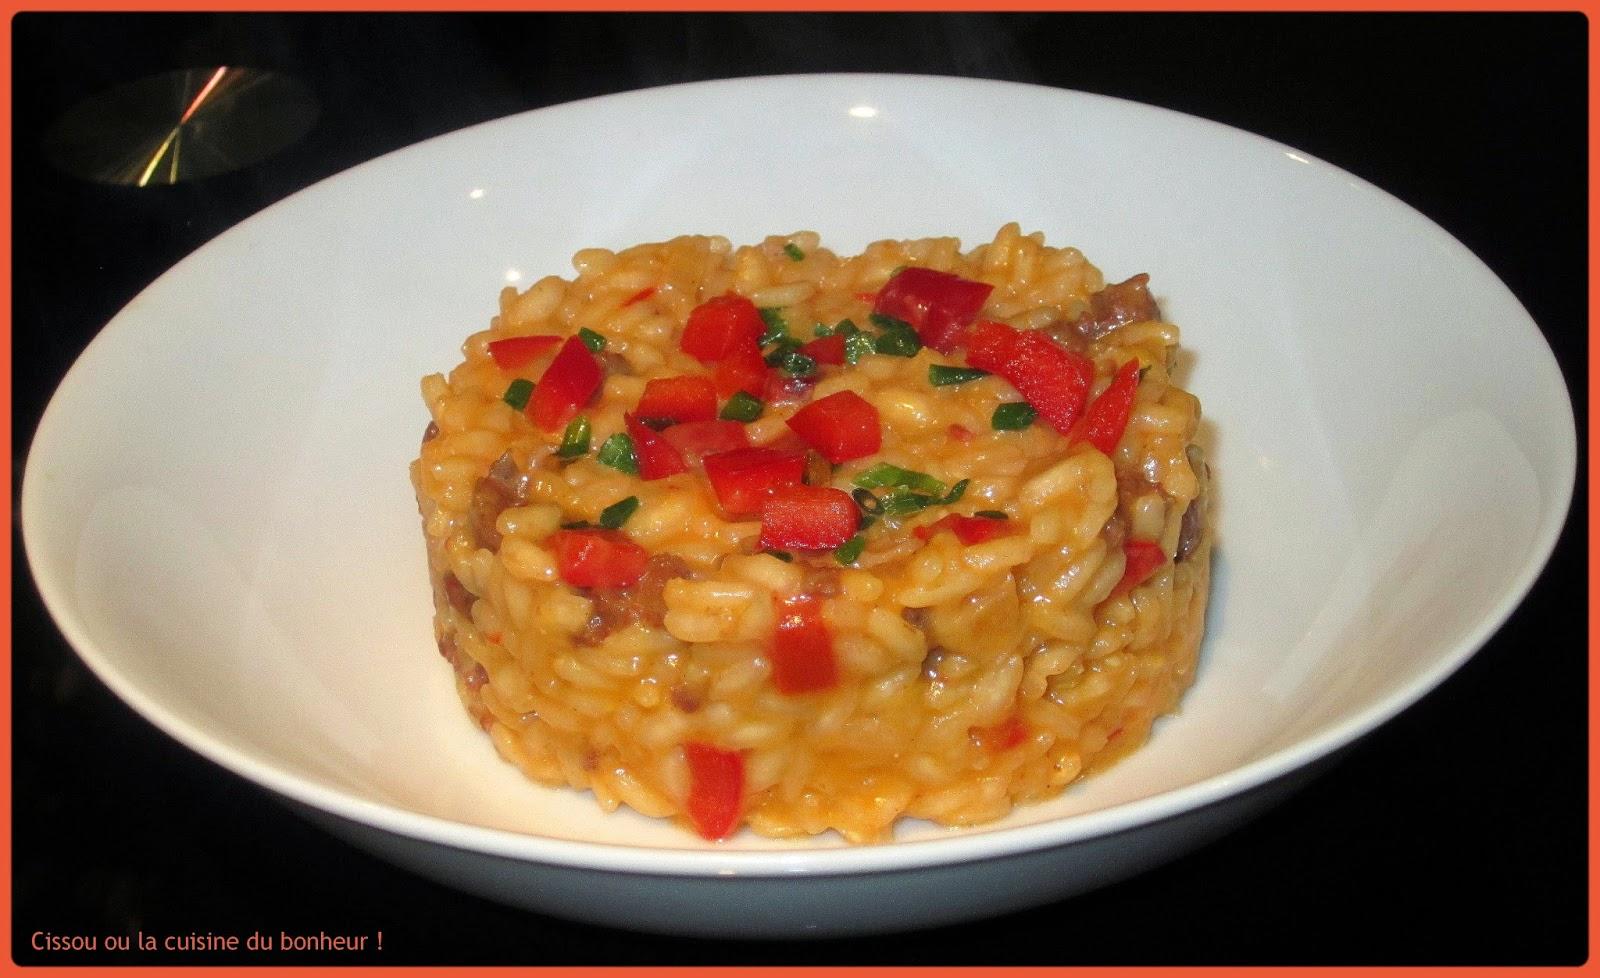 Cissou ou la cuisine du bonheur risotto merguez et poivron rouge - La cuisine du bonheur thermomix ...